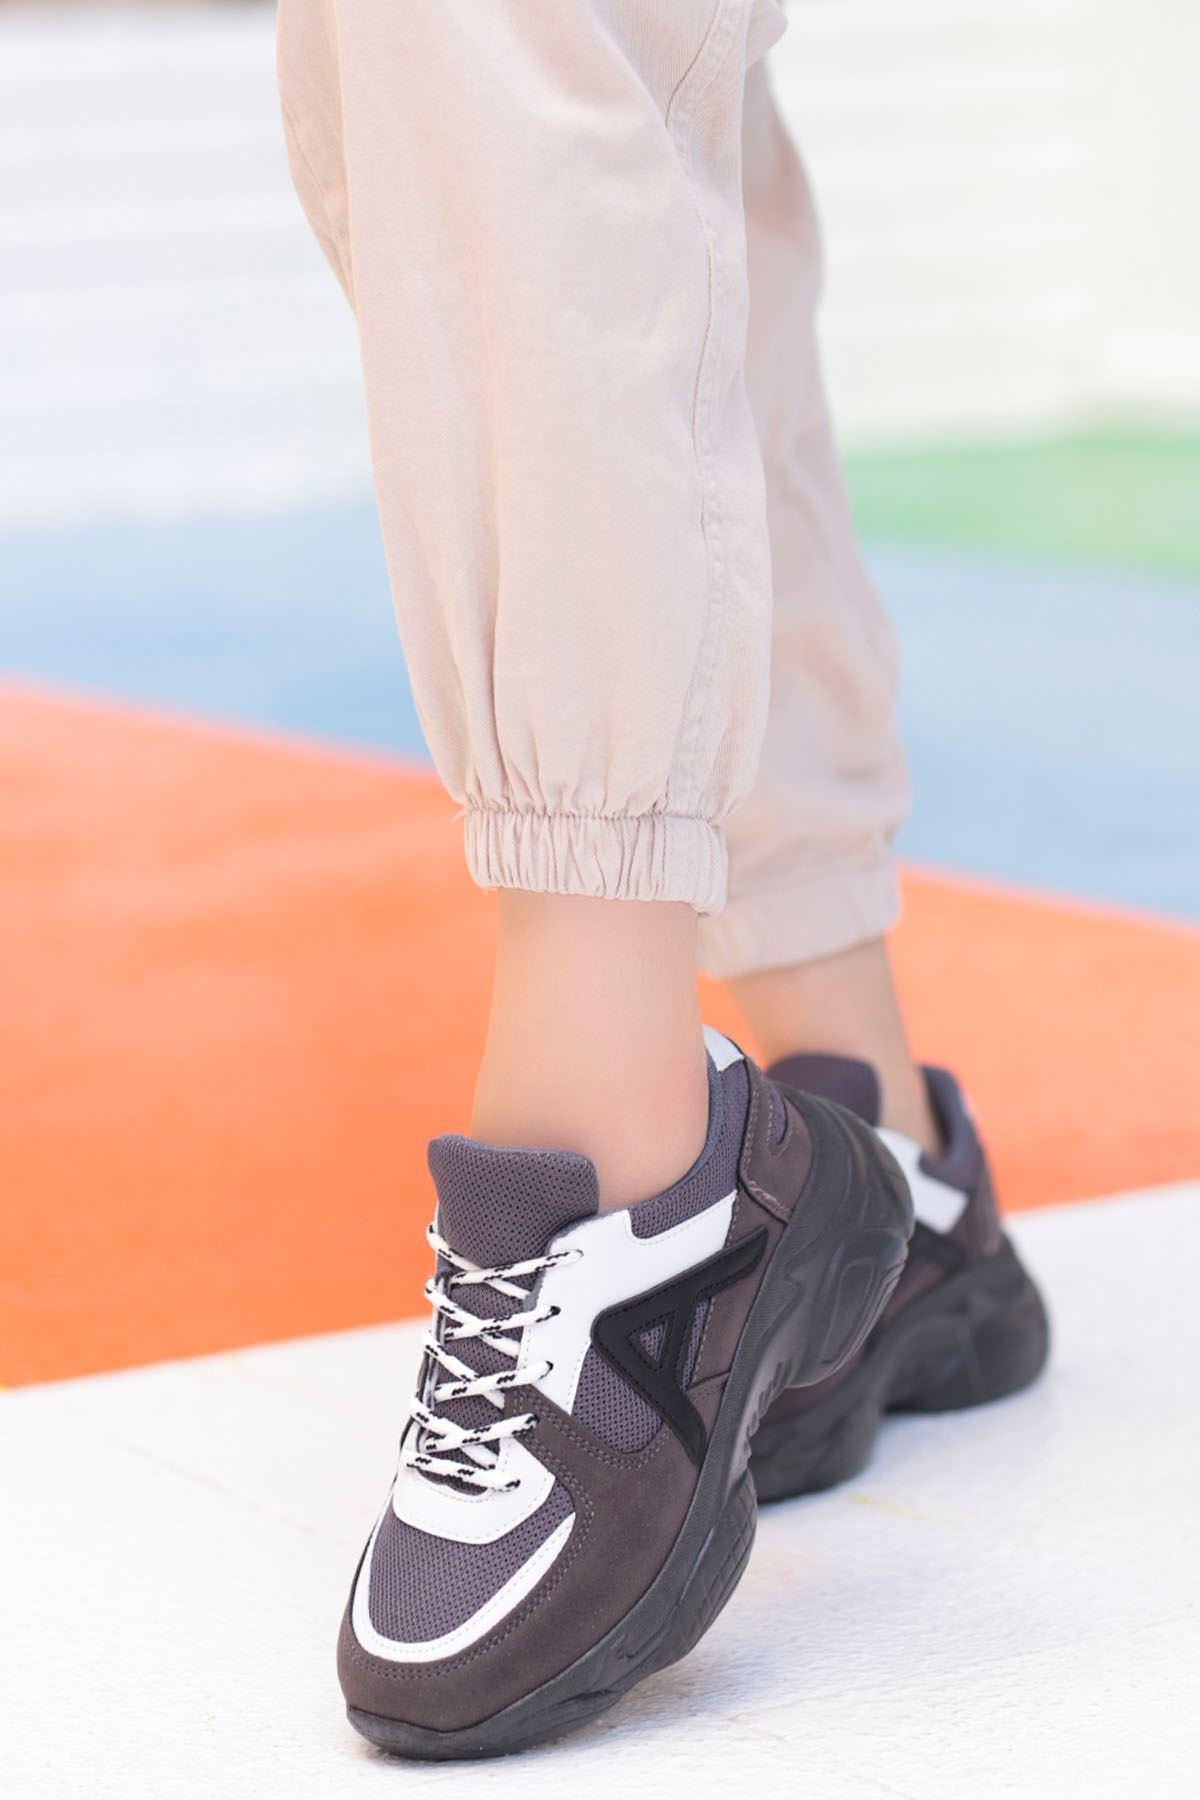 Afra A Detay Spor Ayakkabı Gri Beyaz Detay